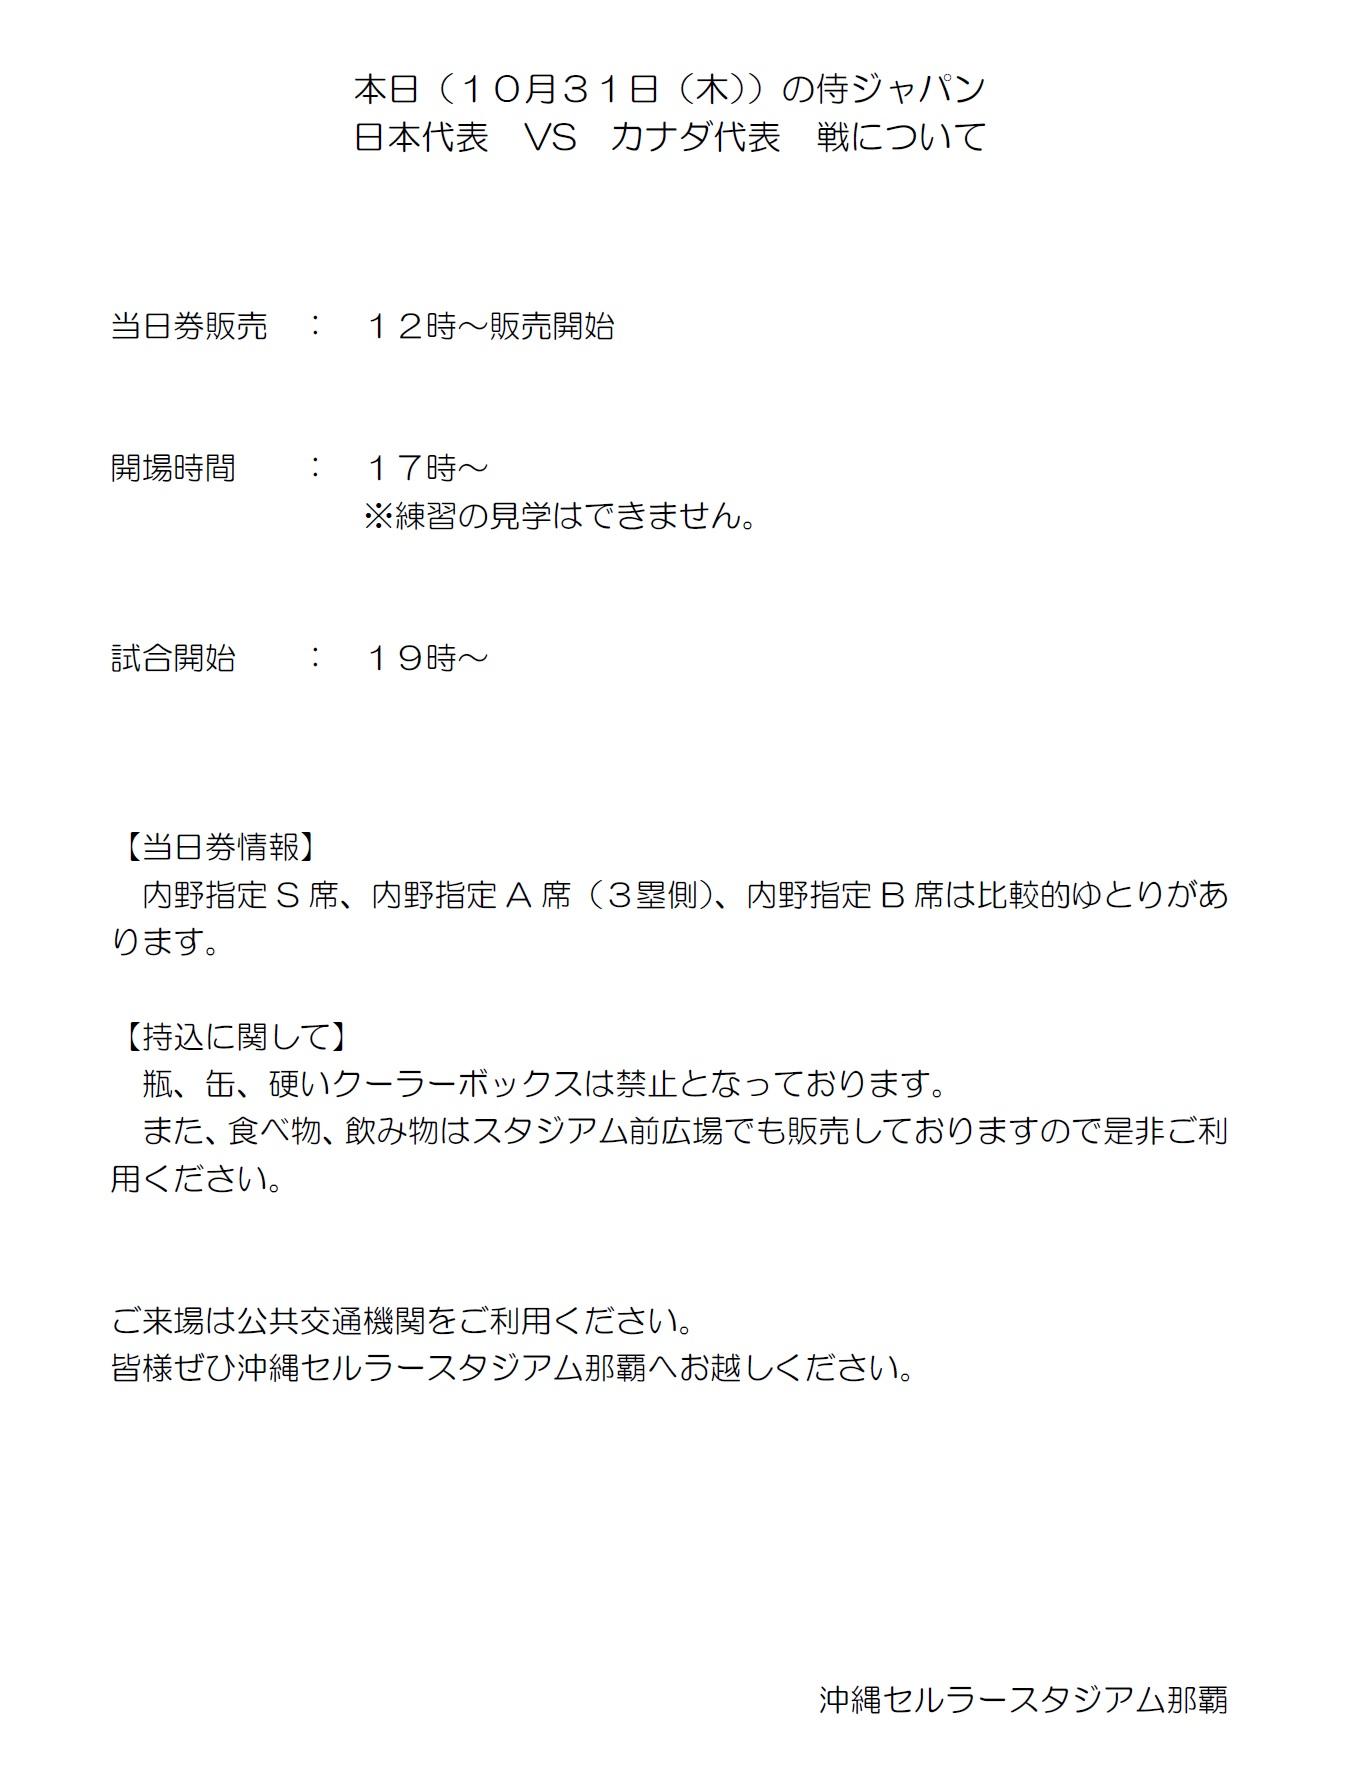 侍ジャパン10.31HP用